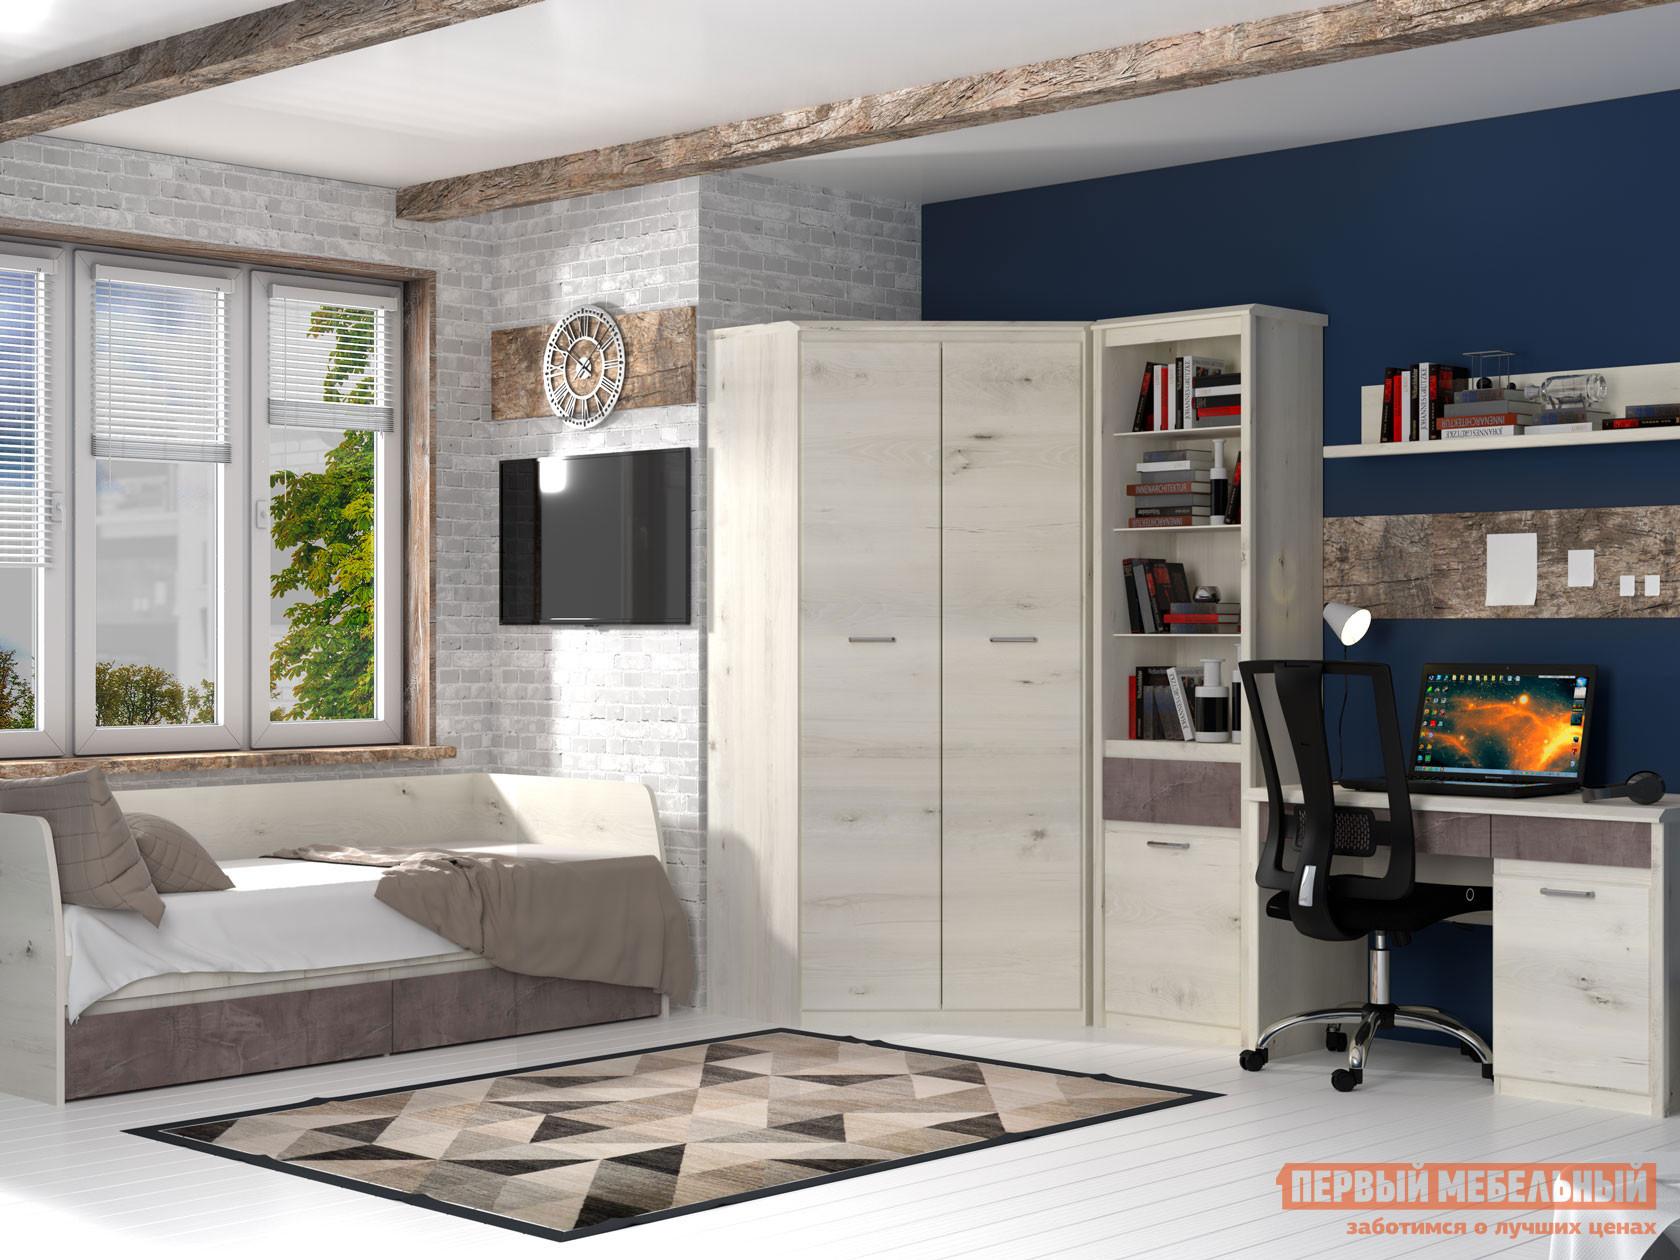 комплект детской мебели первый мебельный жили были k1 Комплект детской мебели Первый Мебельный Комплект детской мебели Бьерк